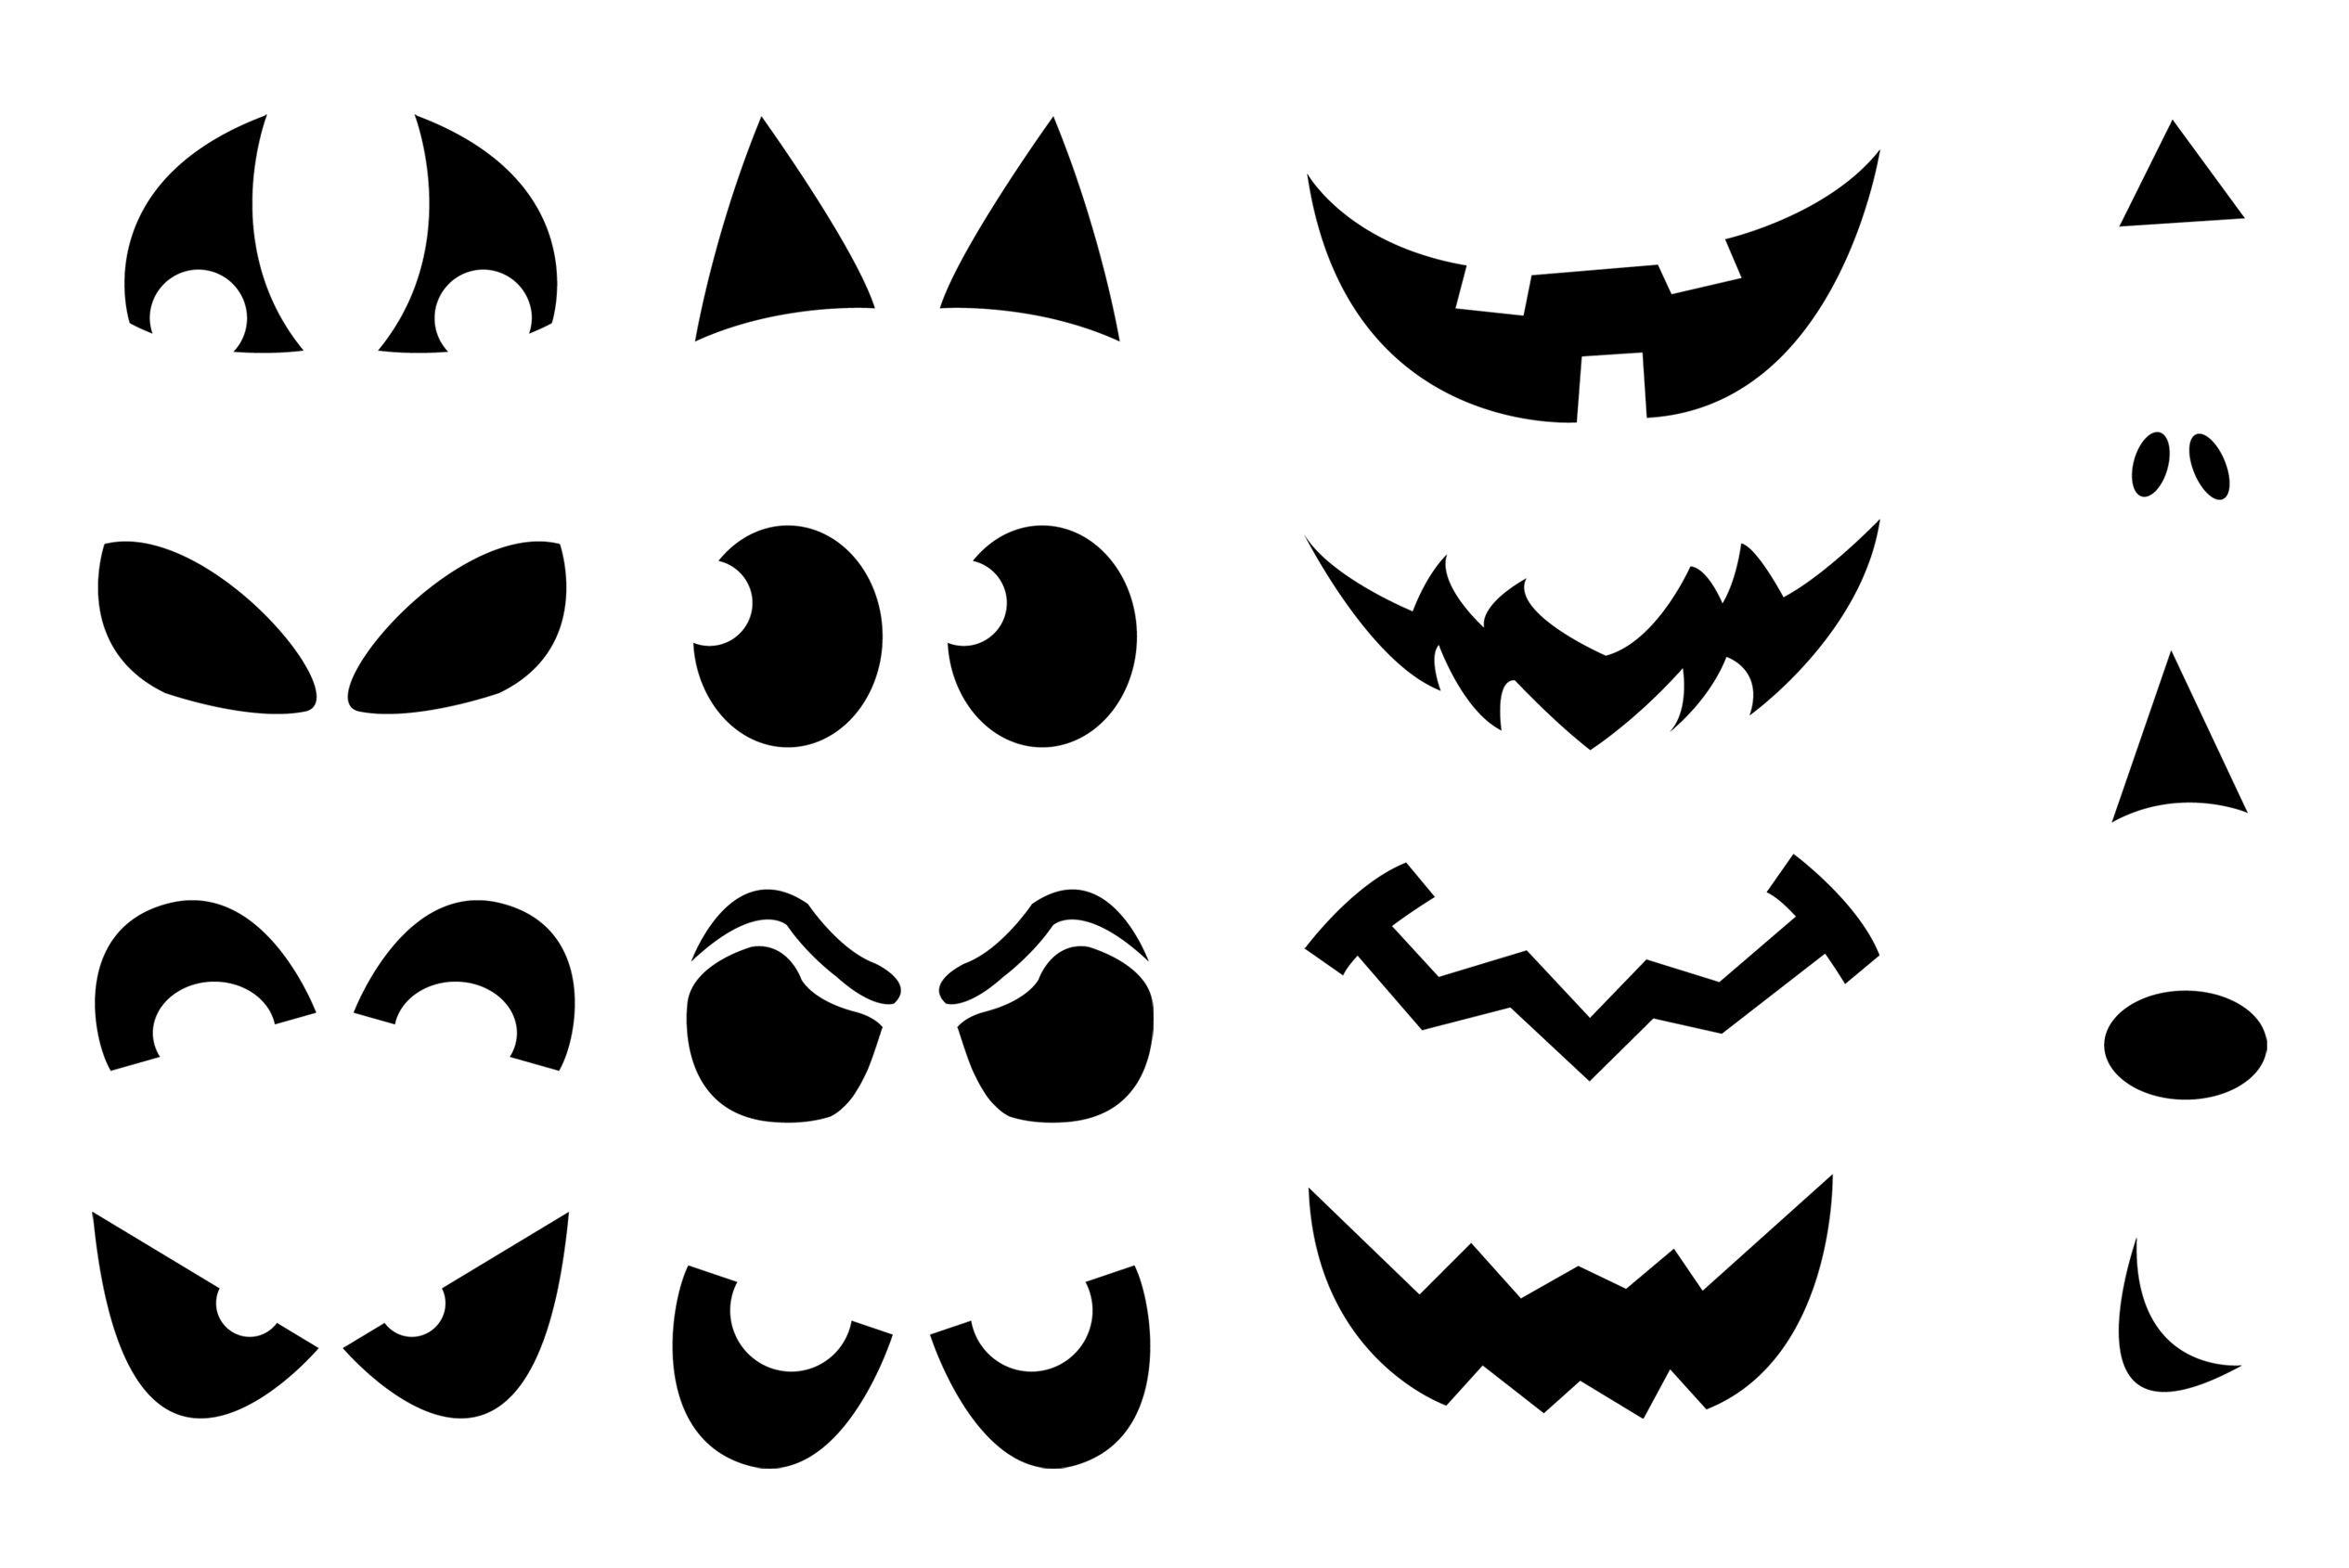 Yeux et bouches à imprimer pour décorer les fantômes gratuites